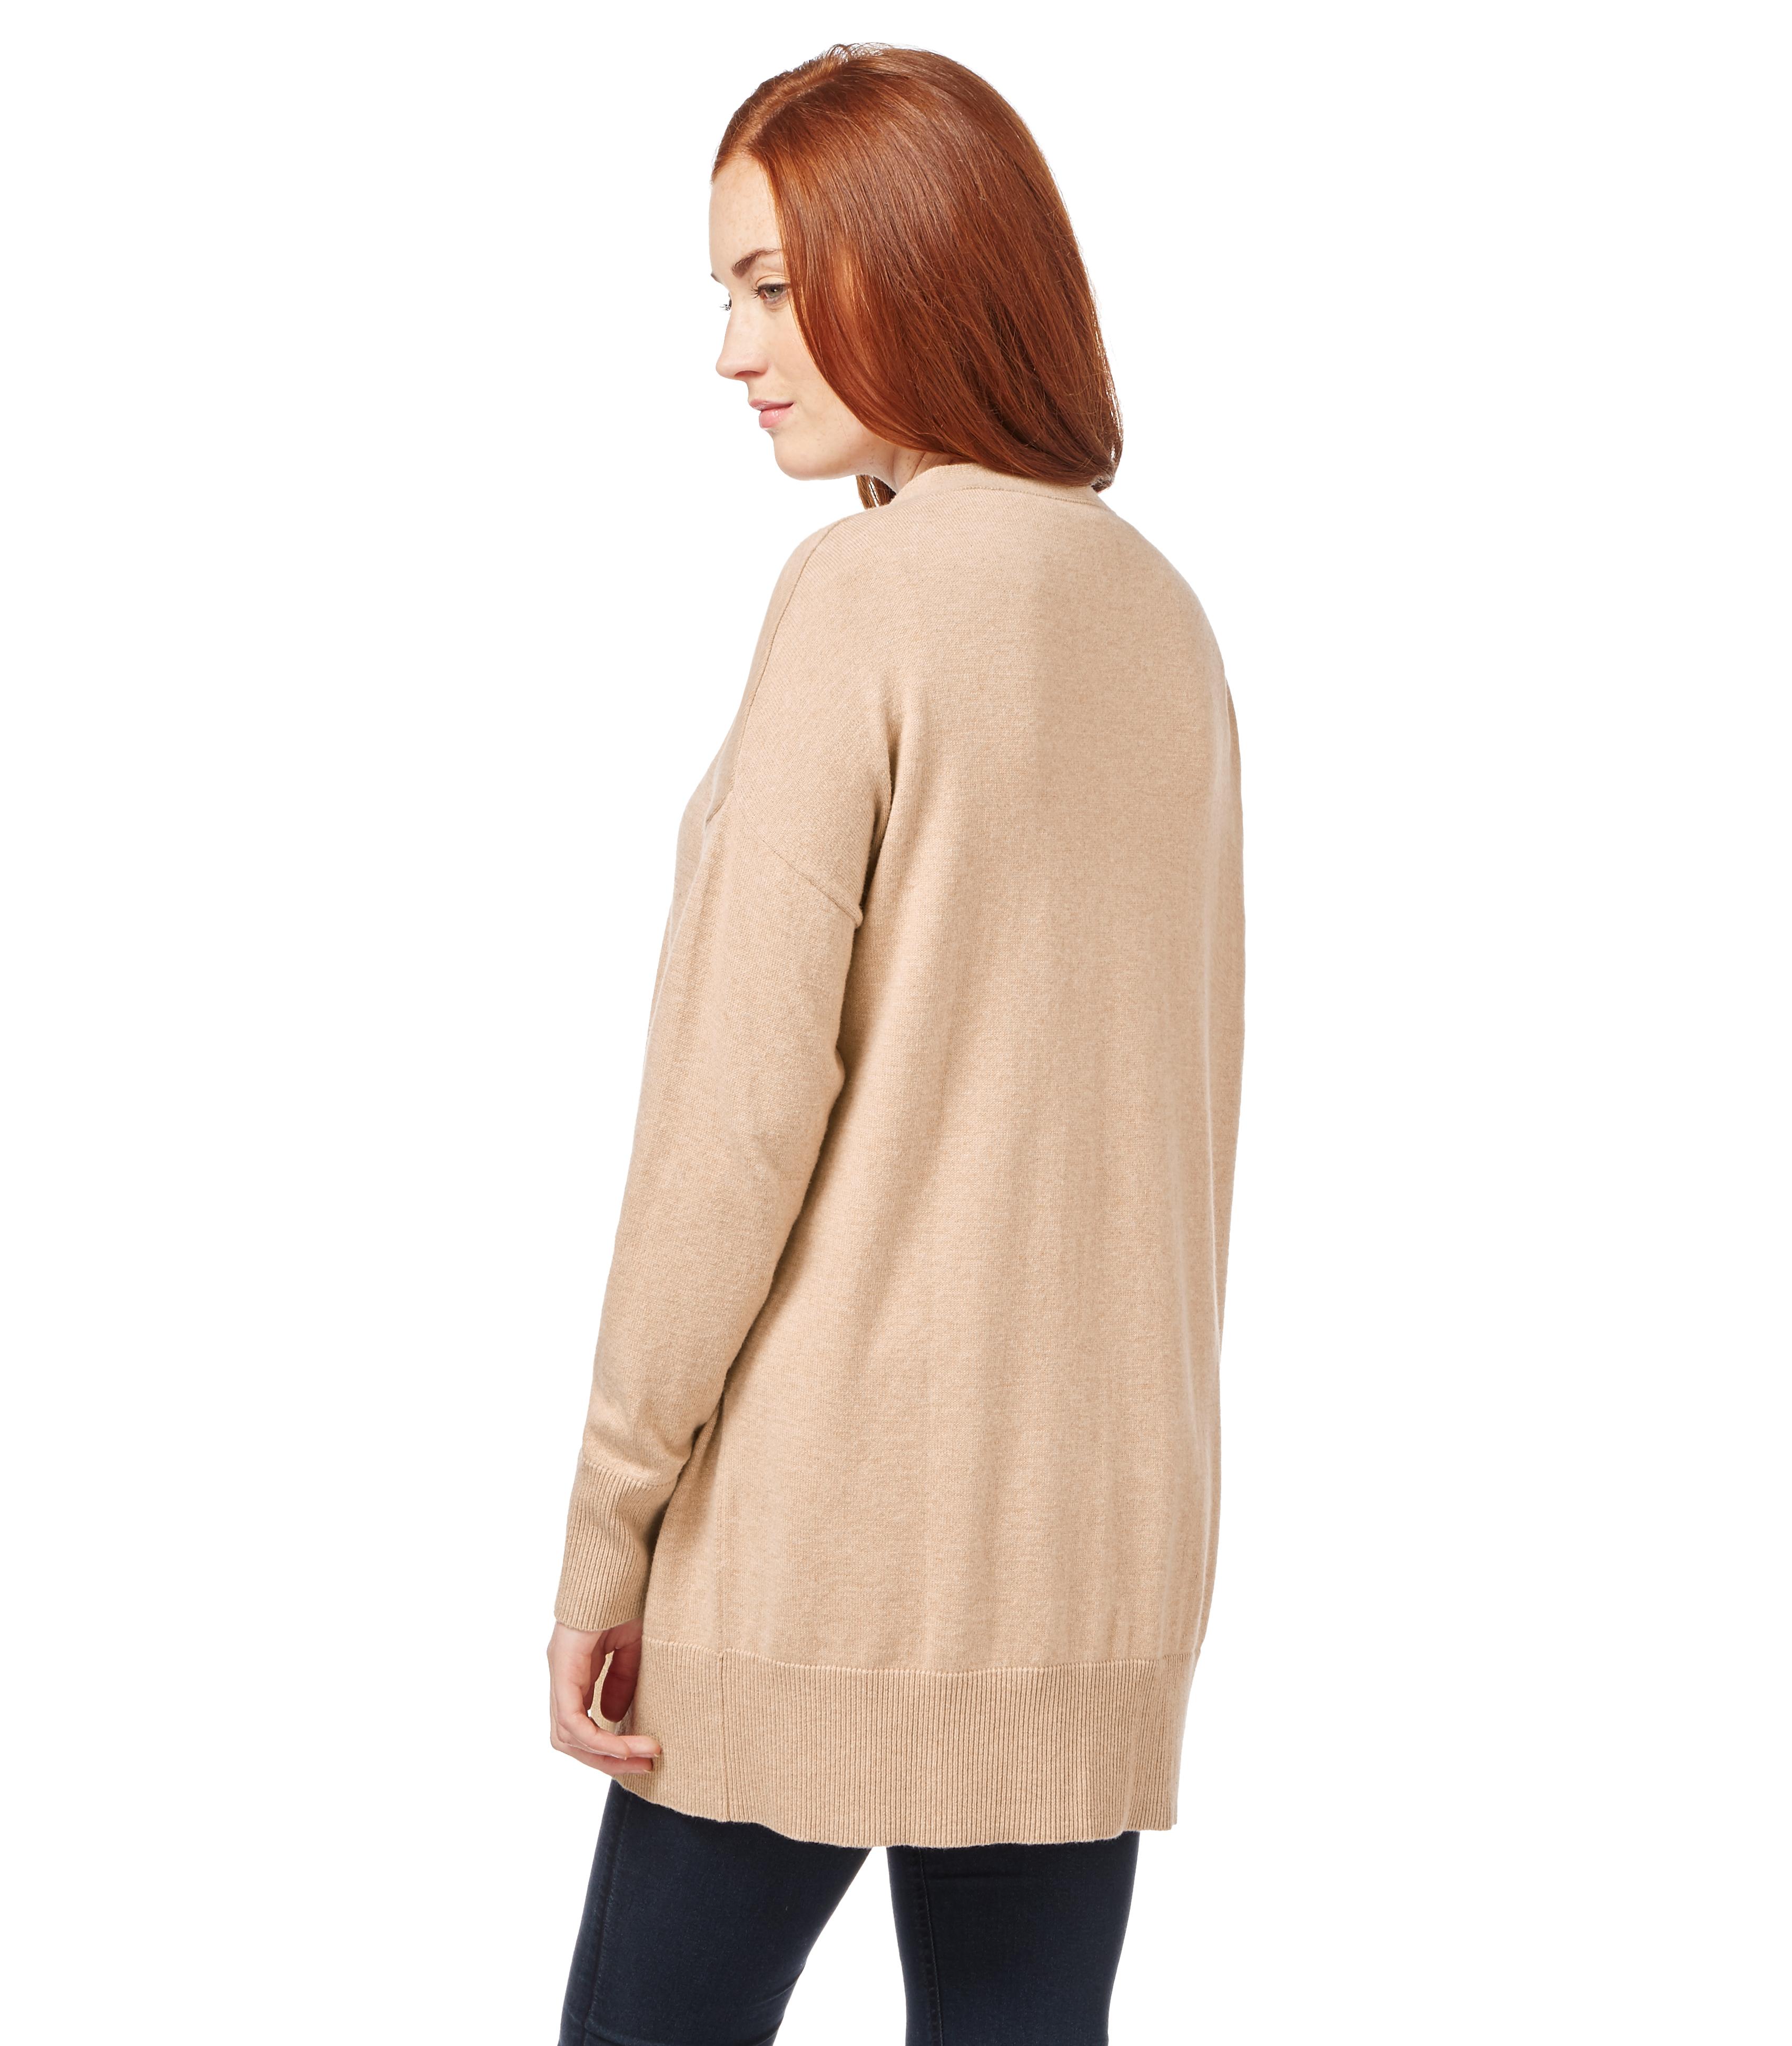 woolovers cardigan top haut chaud ouvert femme cachemire coton classique ebay. Black Bedroom Furniture Sets. Home Design Ideas